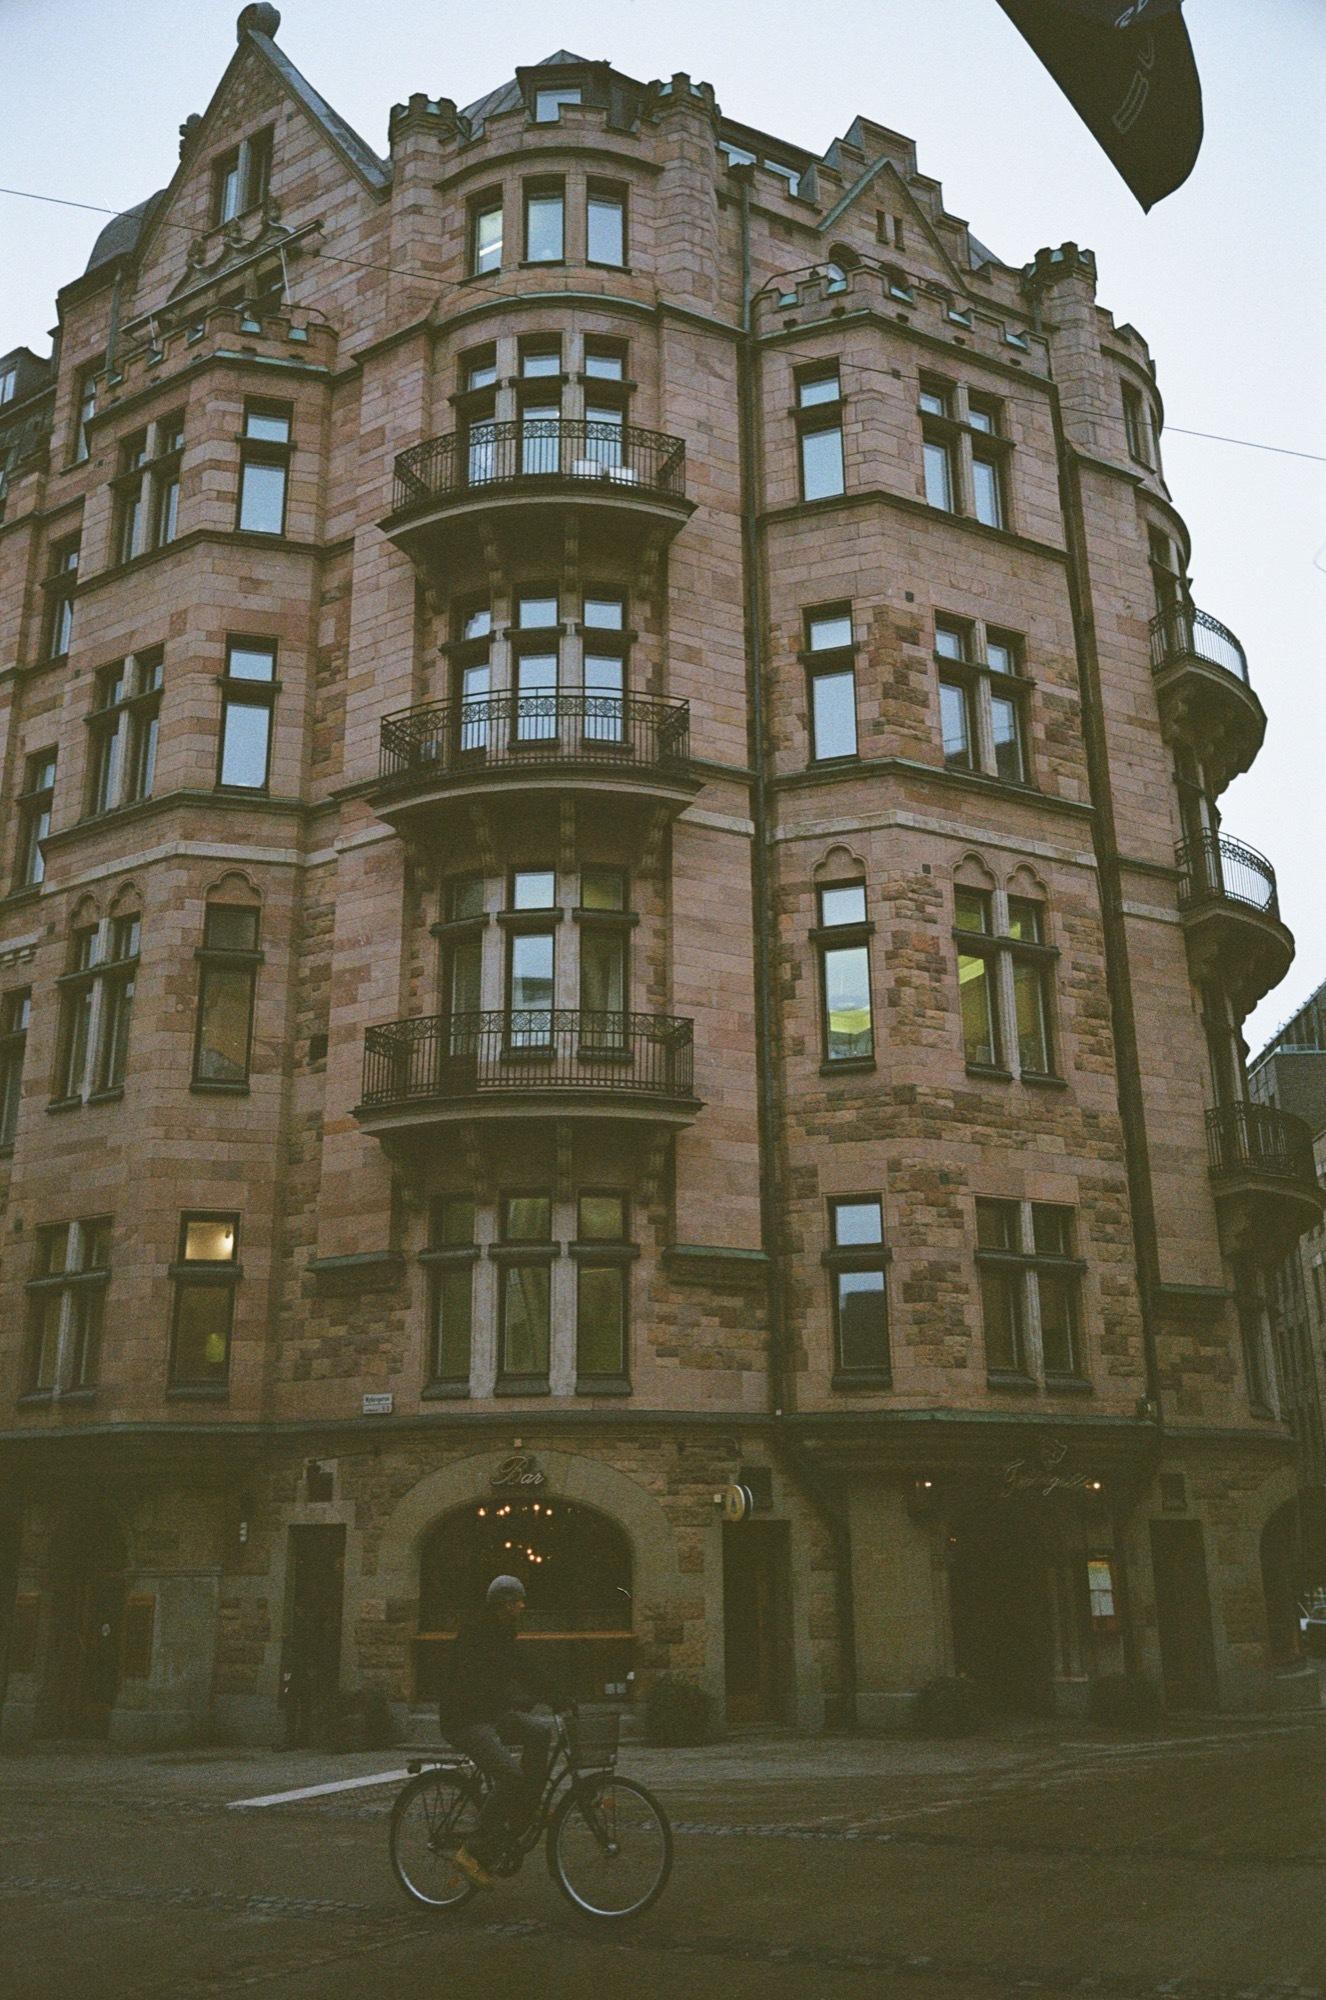 cameraville_leica_mda_stockholm_avenon_28mm_kodak_gold_400_4.jpg